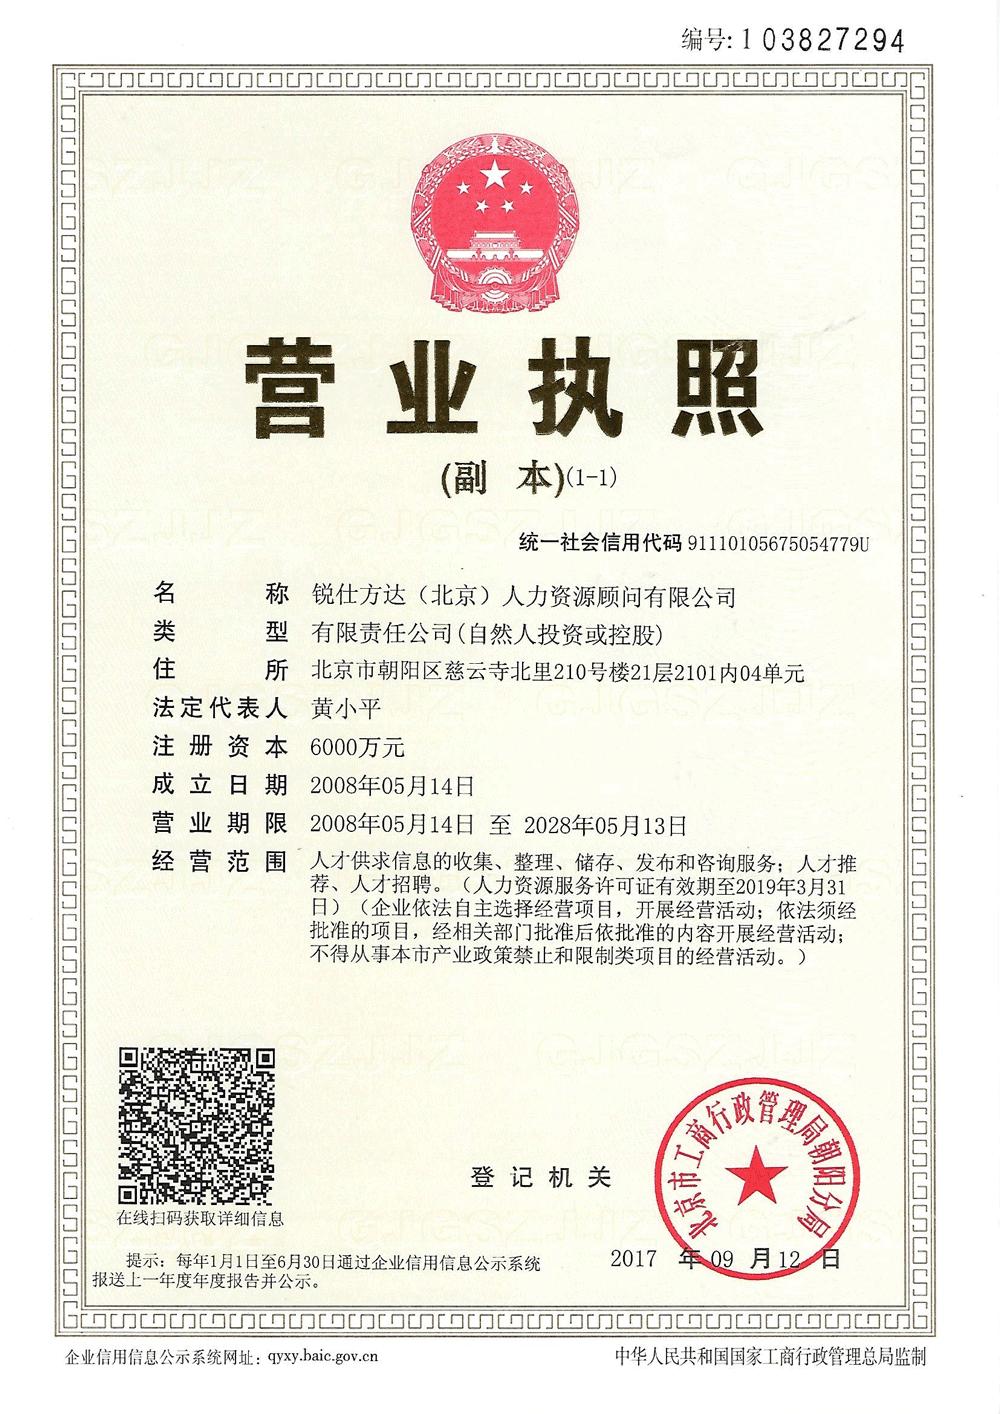 锐仕方达北京公司营业执照